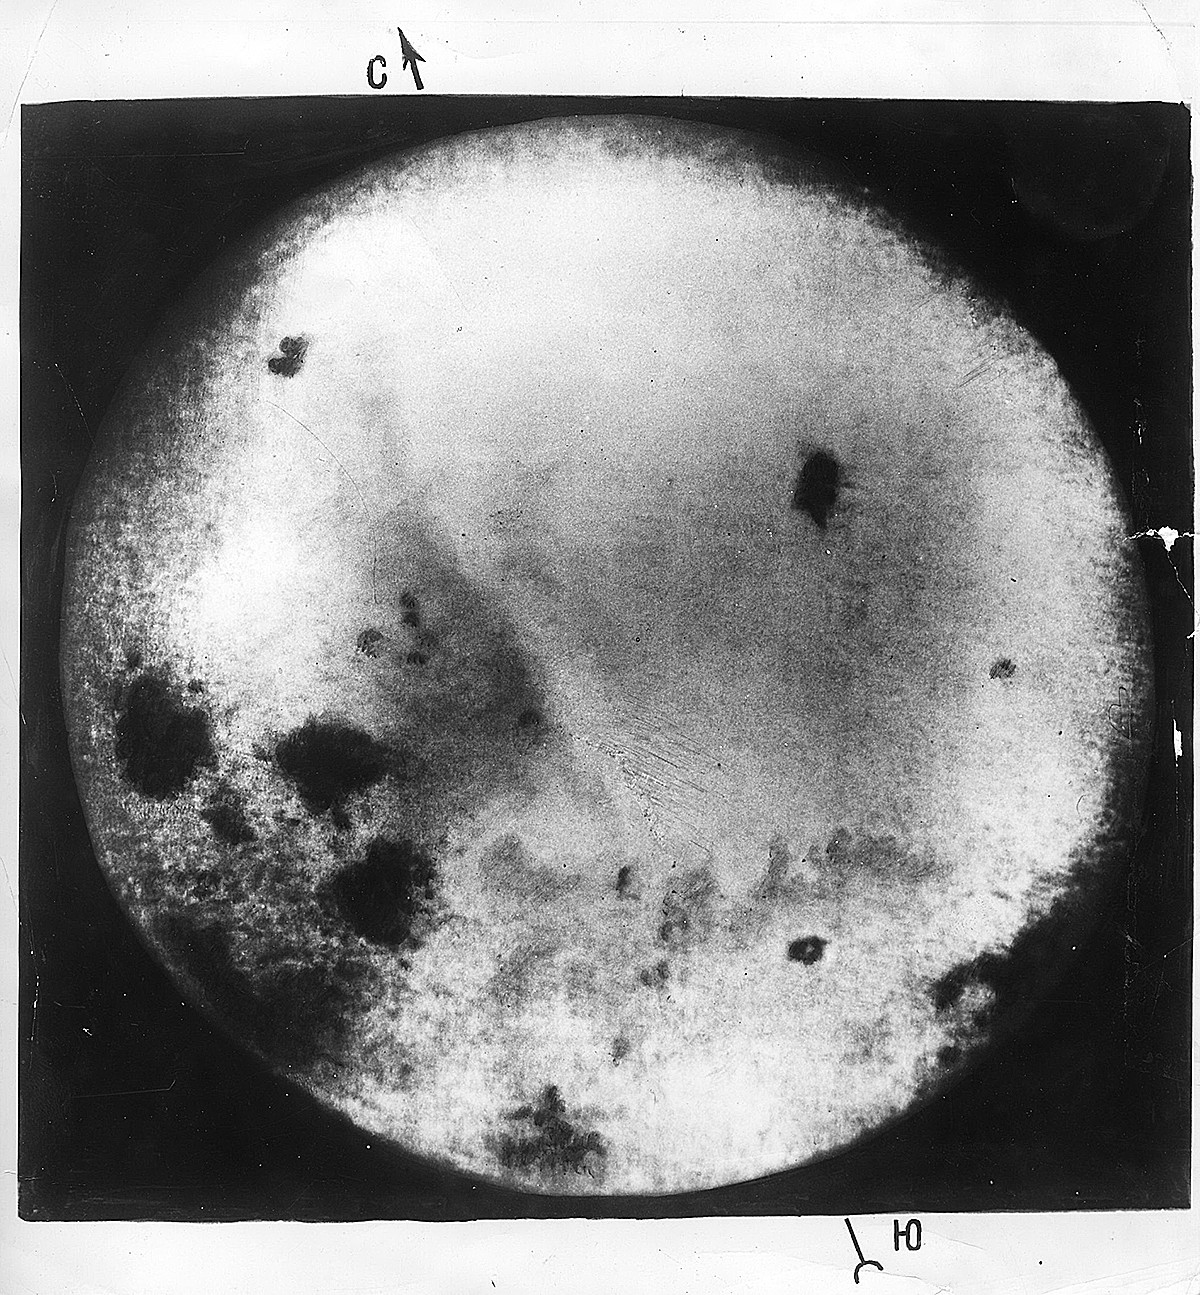 月の裏側の写真